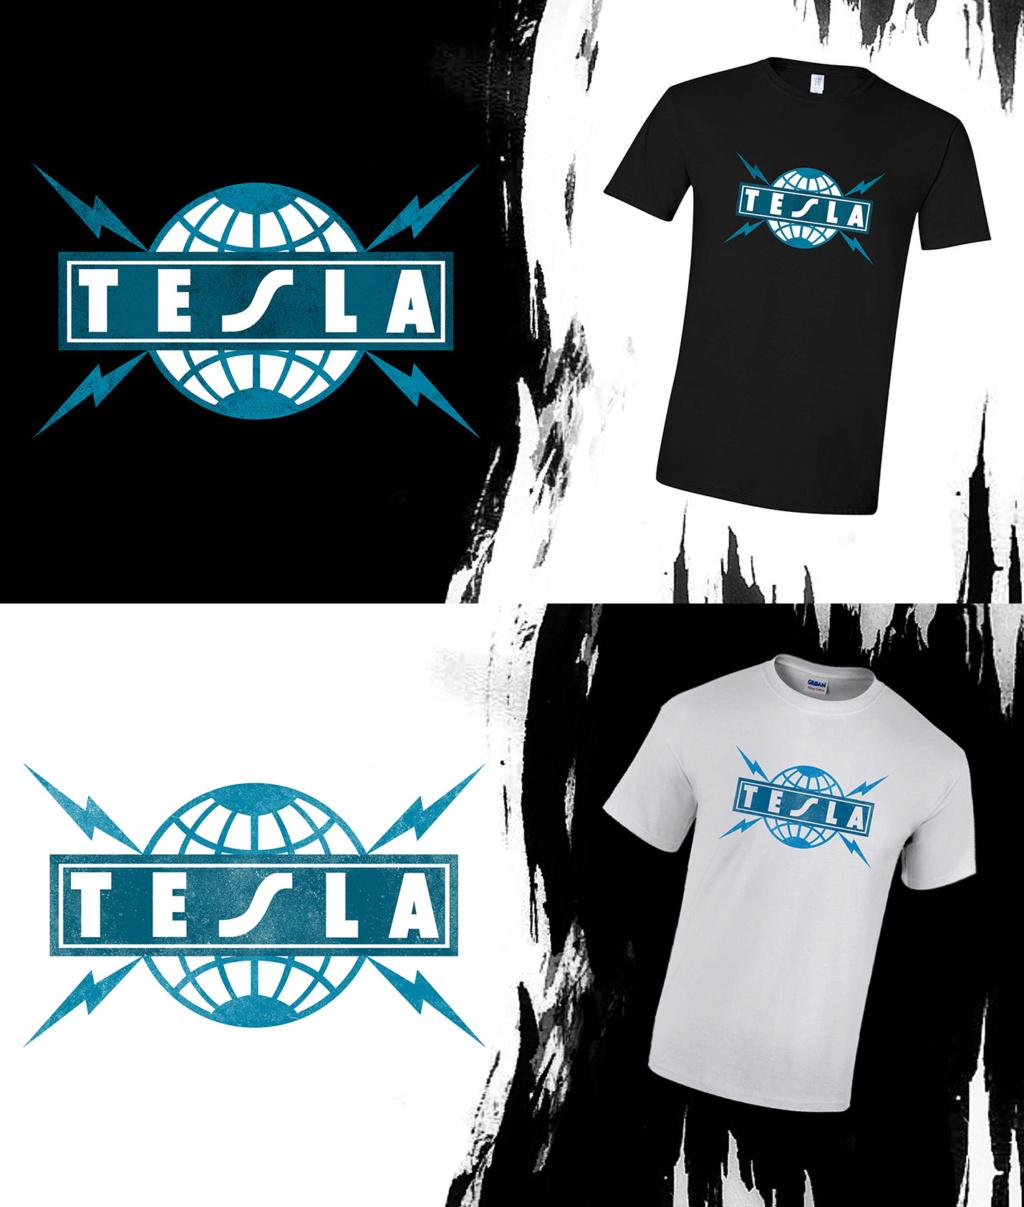 No Maniac  pero Maniac ( camisetas personalizadas y otras cosas) Catálogo en primer post - Página 8 Tesla_10